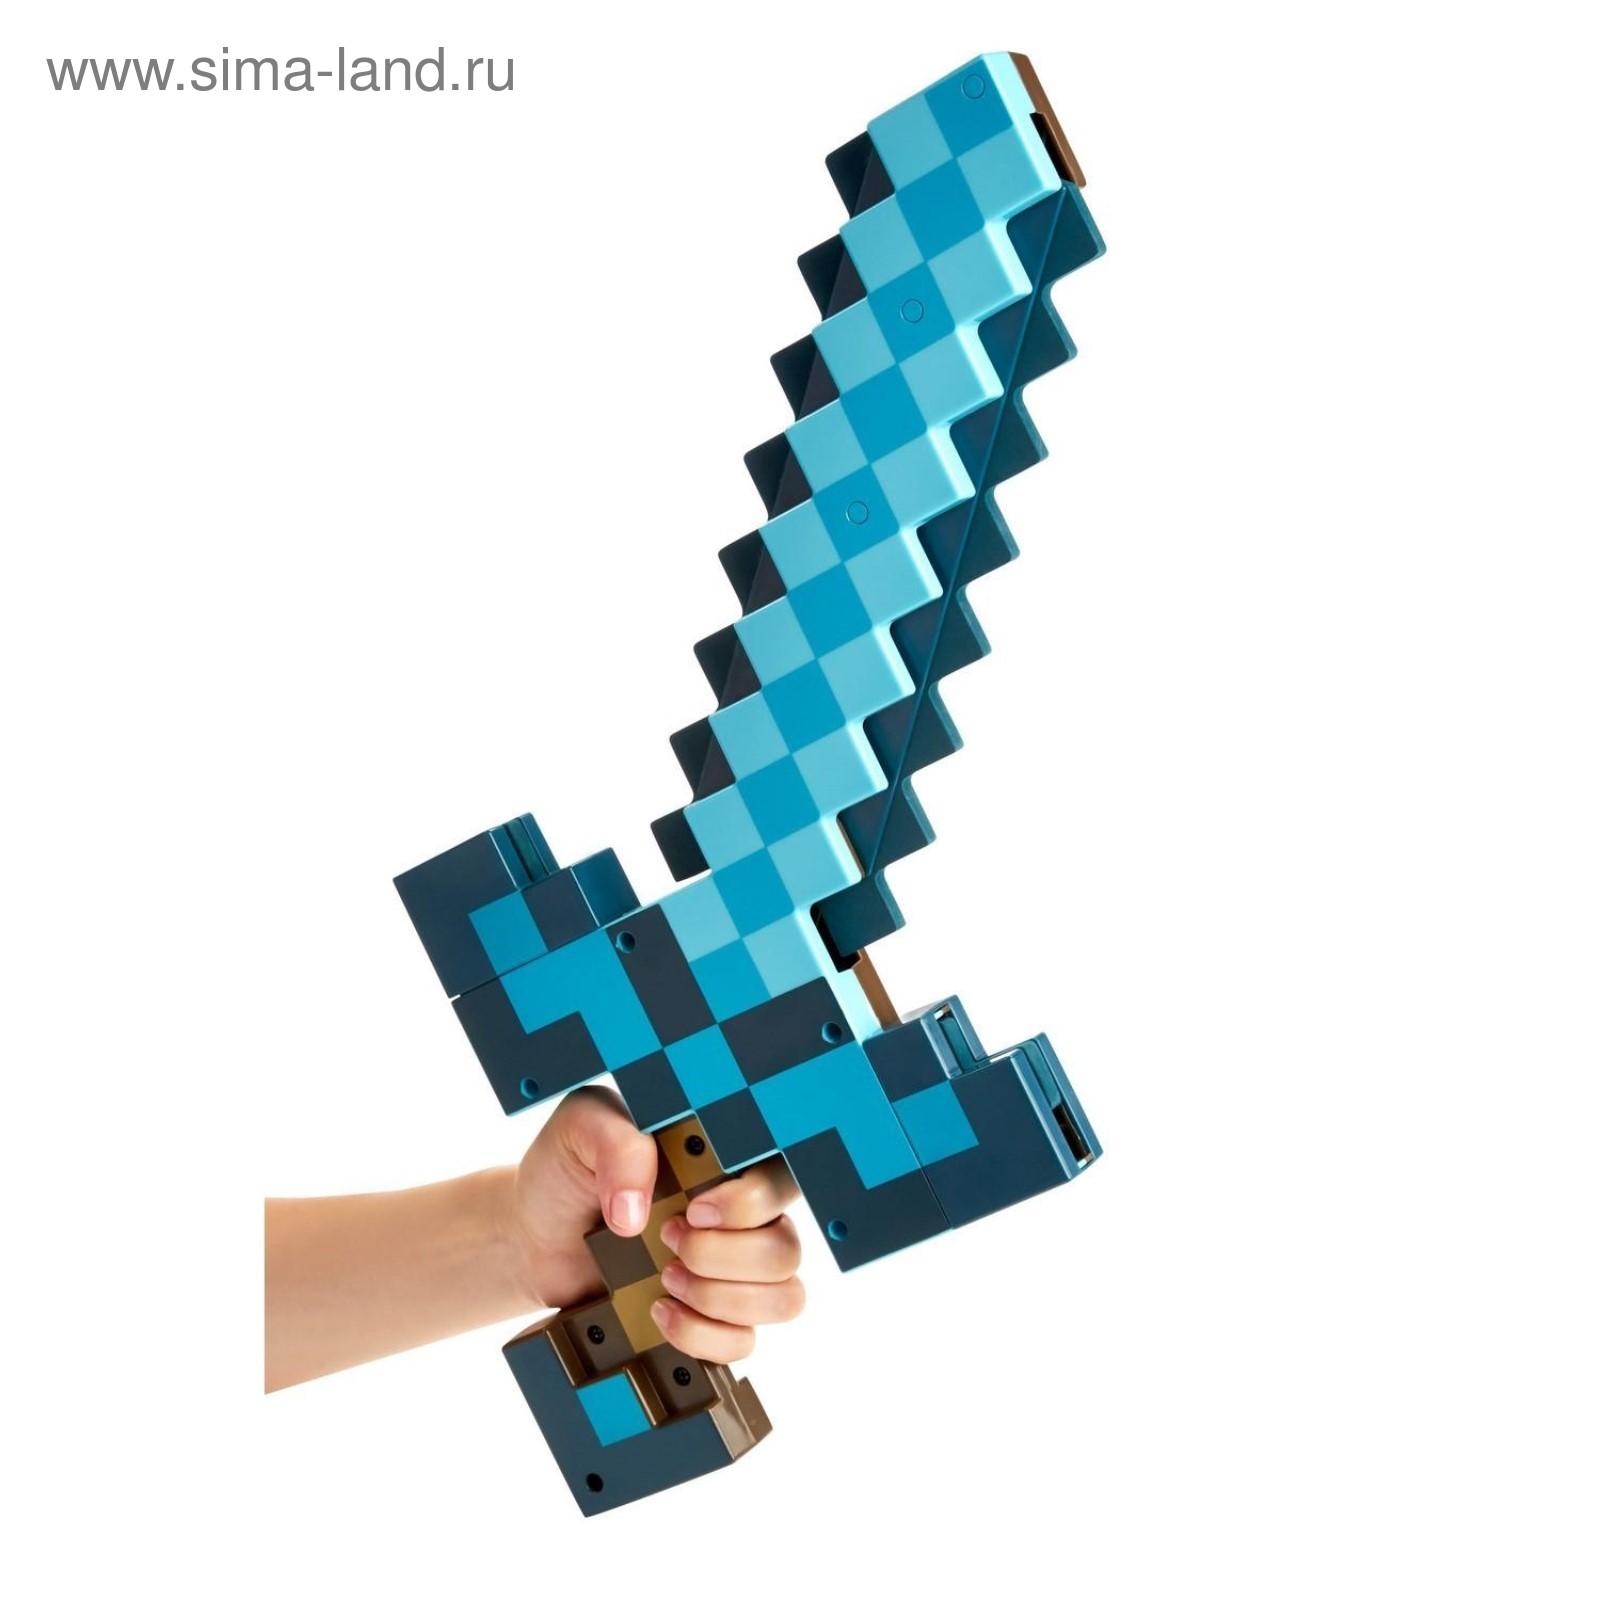 меч майнкрафт #8